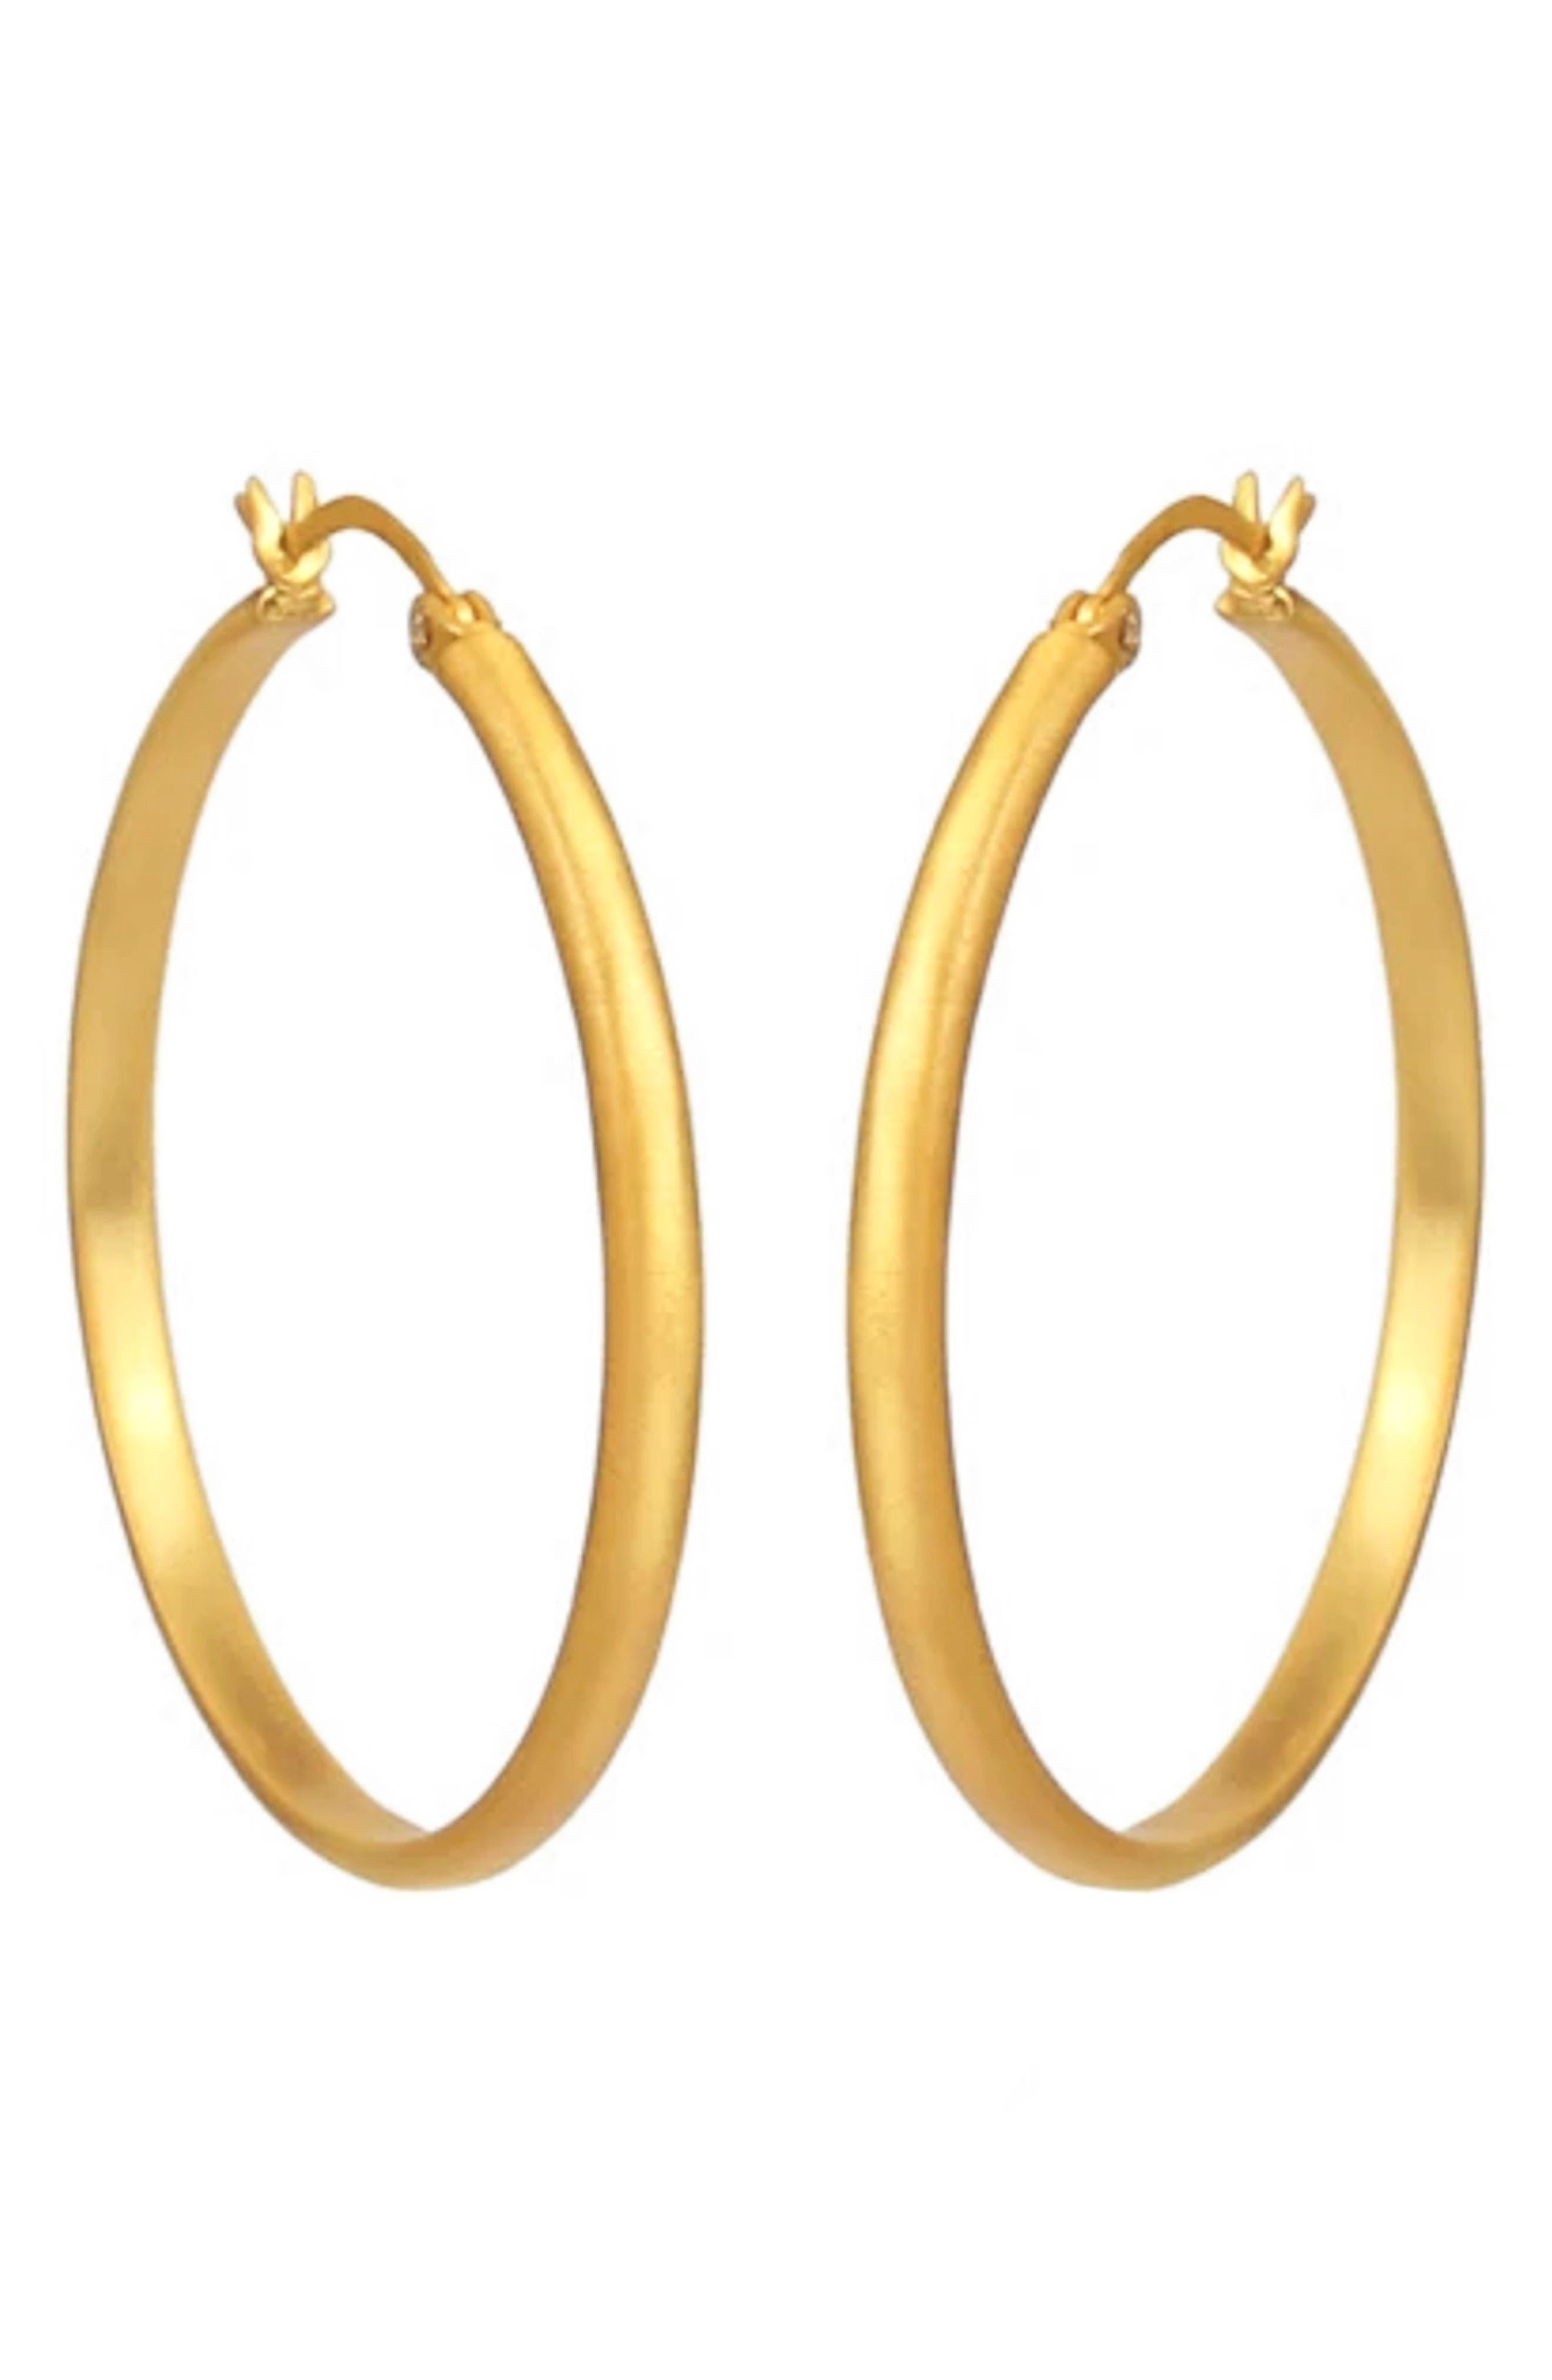 Simplicity Hoop Earrings